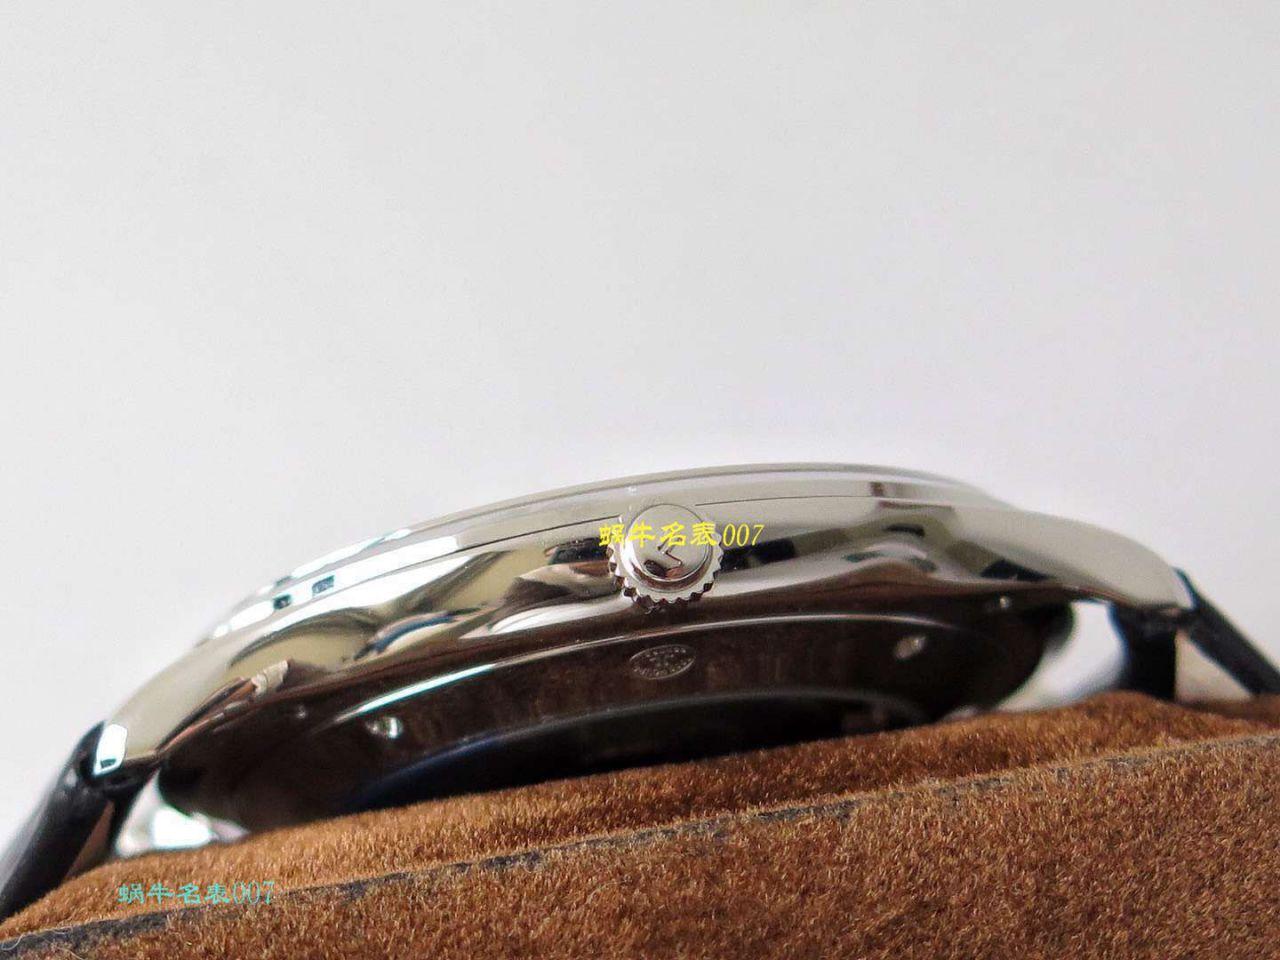 ZF厂超薄臻品【极简主义 超薄设计】复刻手表厂家积家Jaeger-LeCoultre MASTER ULTRA THIN超薄大师系列腕表系列 / JJ138